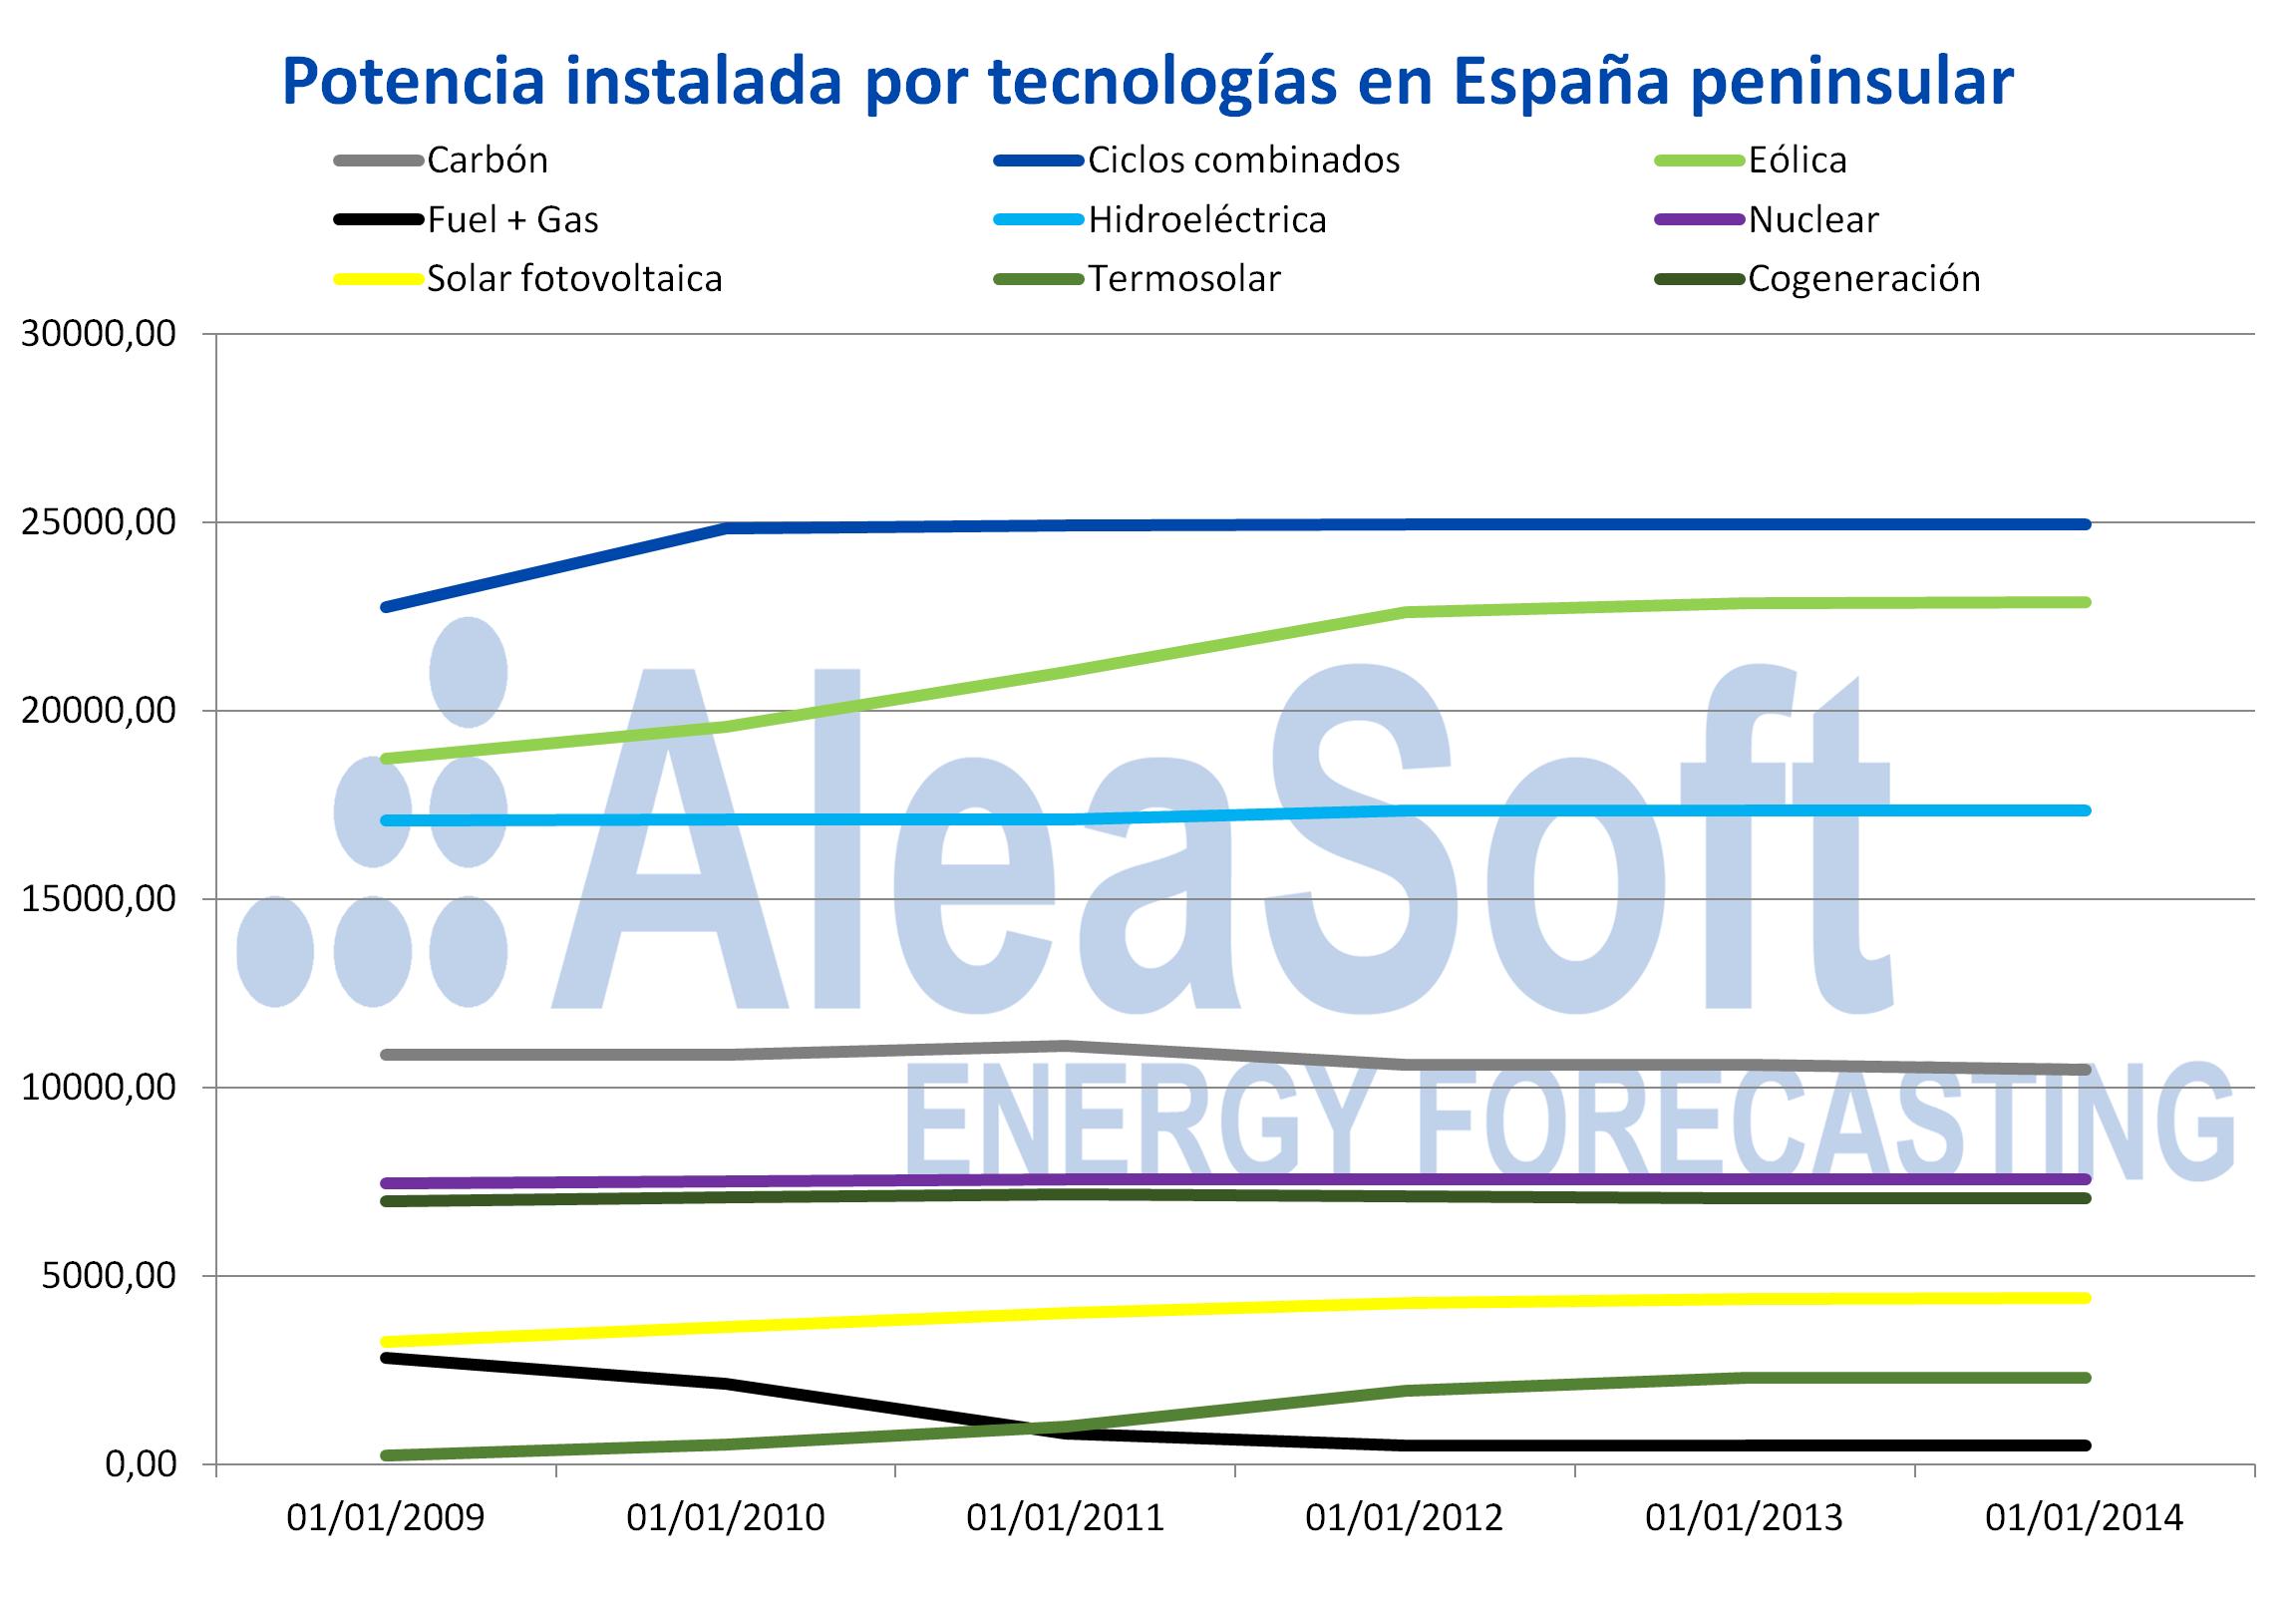 AleaSoft - Potencia instalada por tecnologías España peninsular